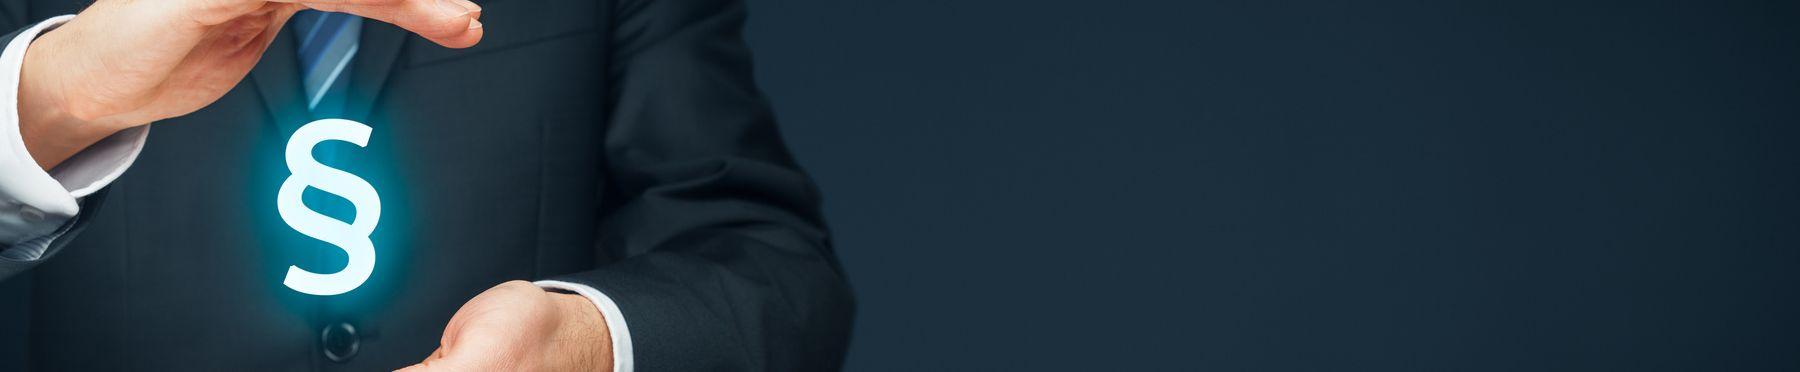 Ratenzahlung Bei Strafbefehl Strafe In Raten Abbezahlen Muster